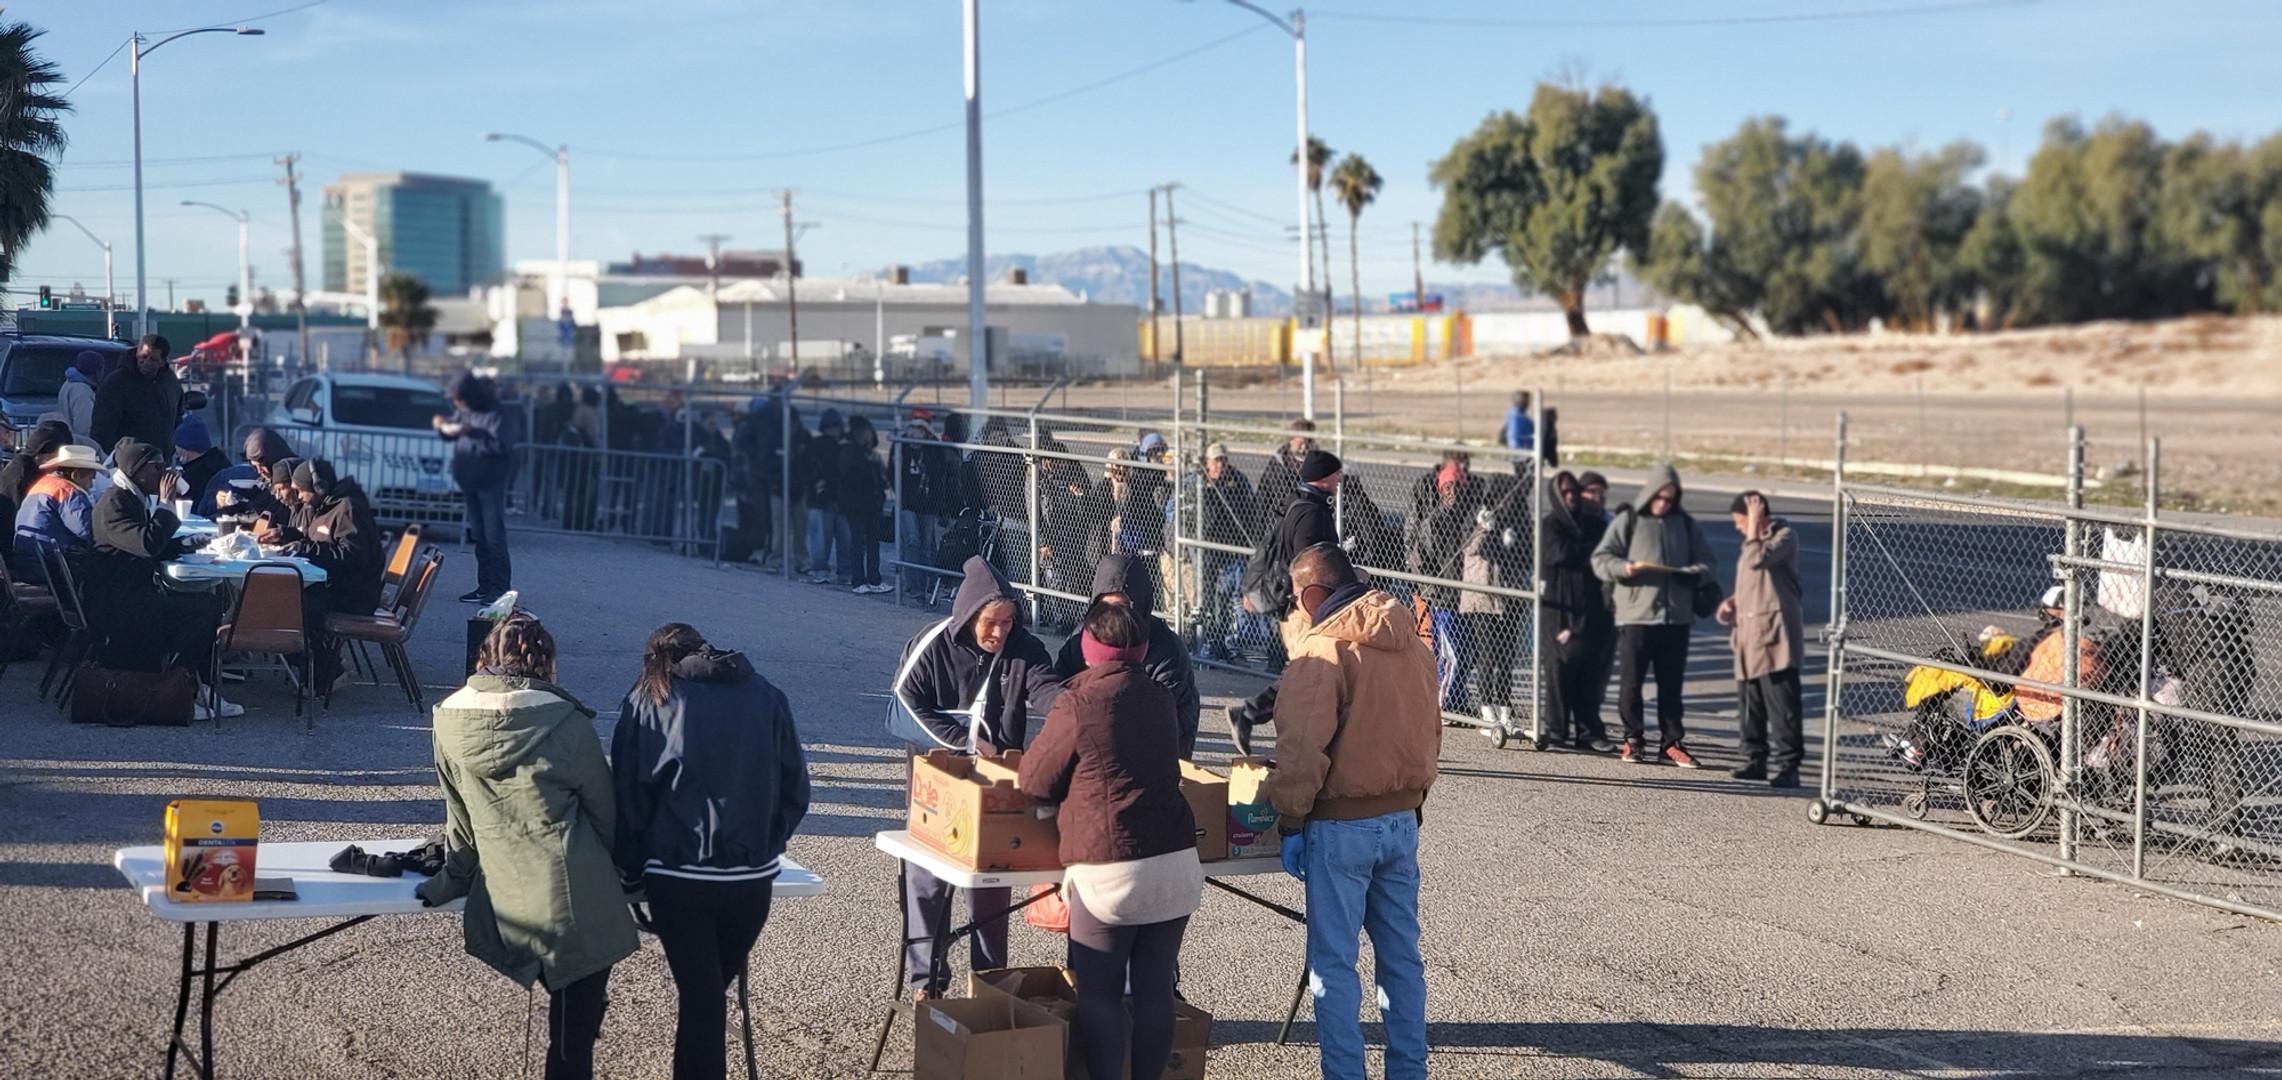 Community Relief Effort Event